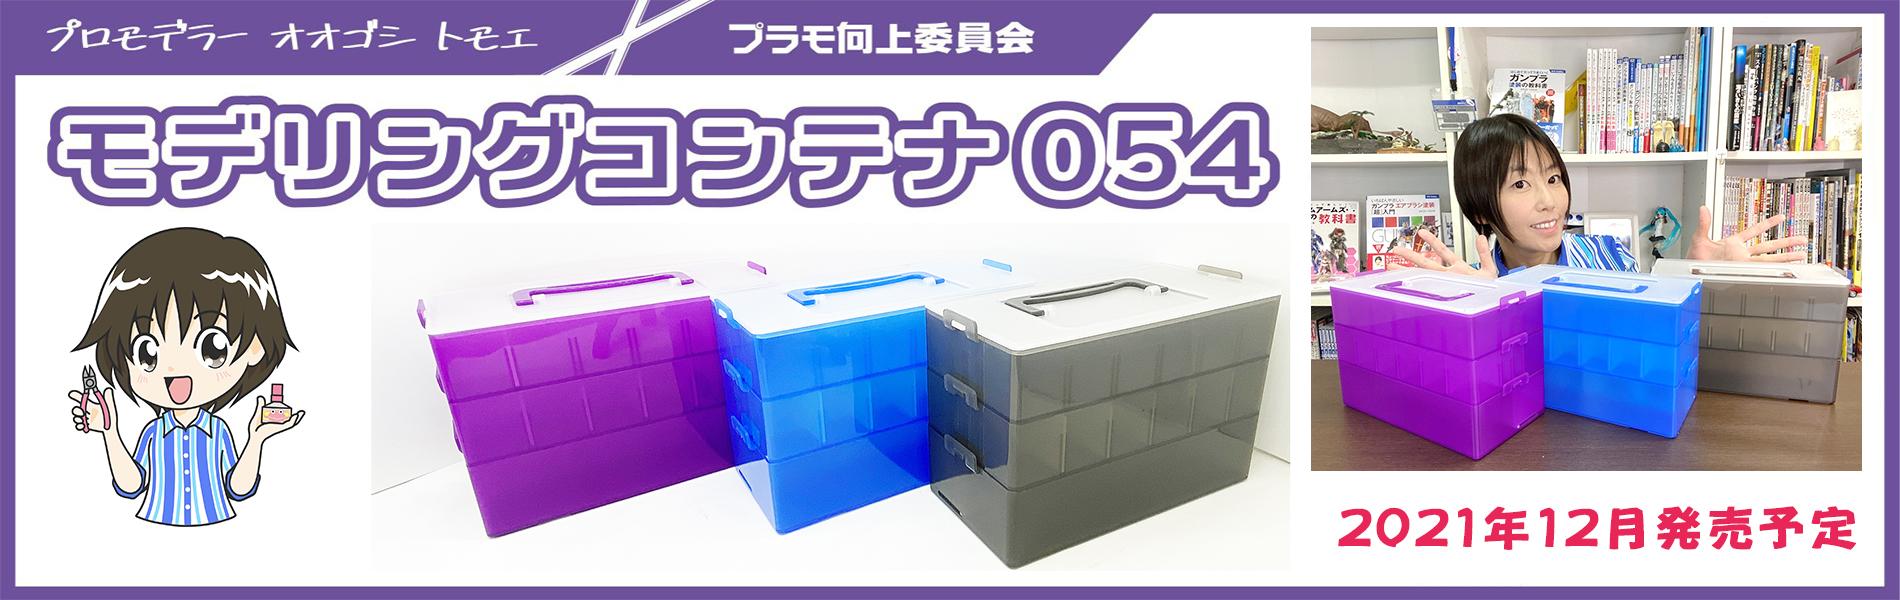 プラモ向上委員会×オオゴシトモエ「モデリングコンテナ054」